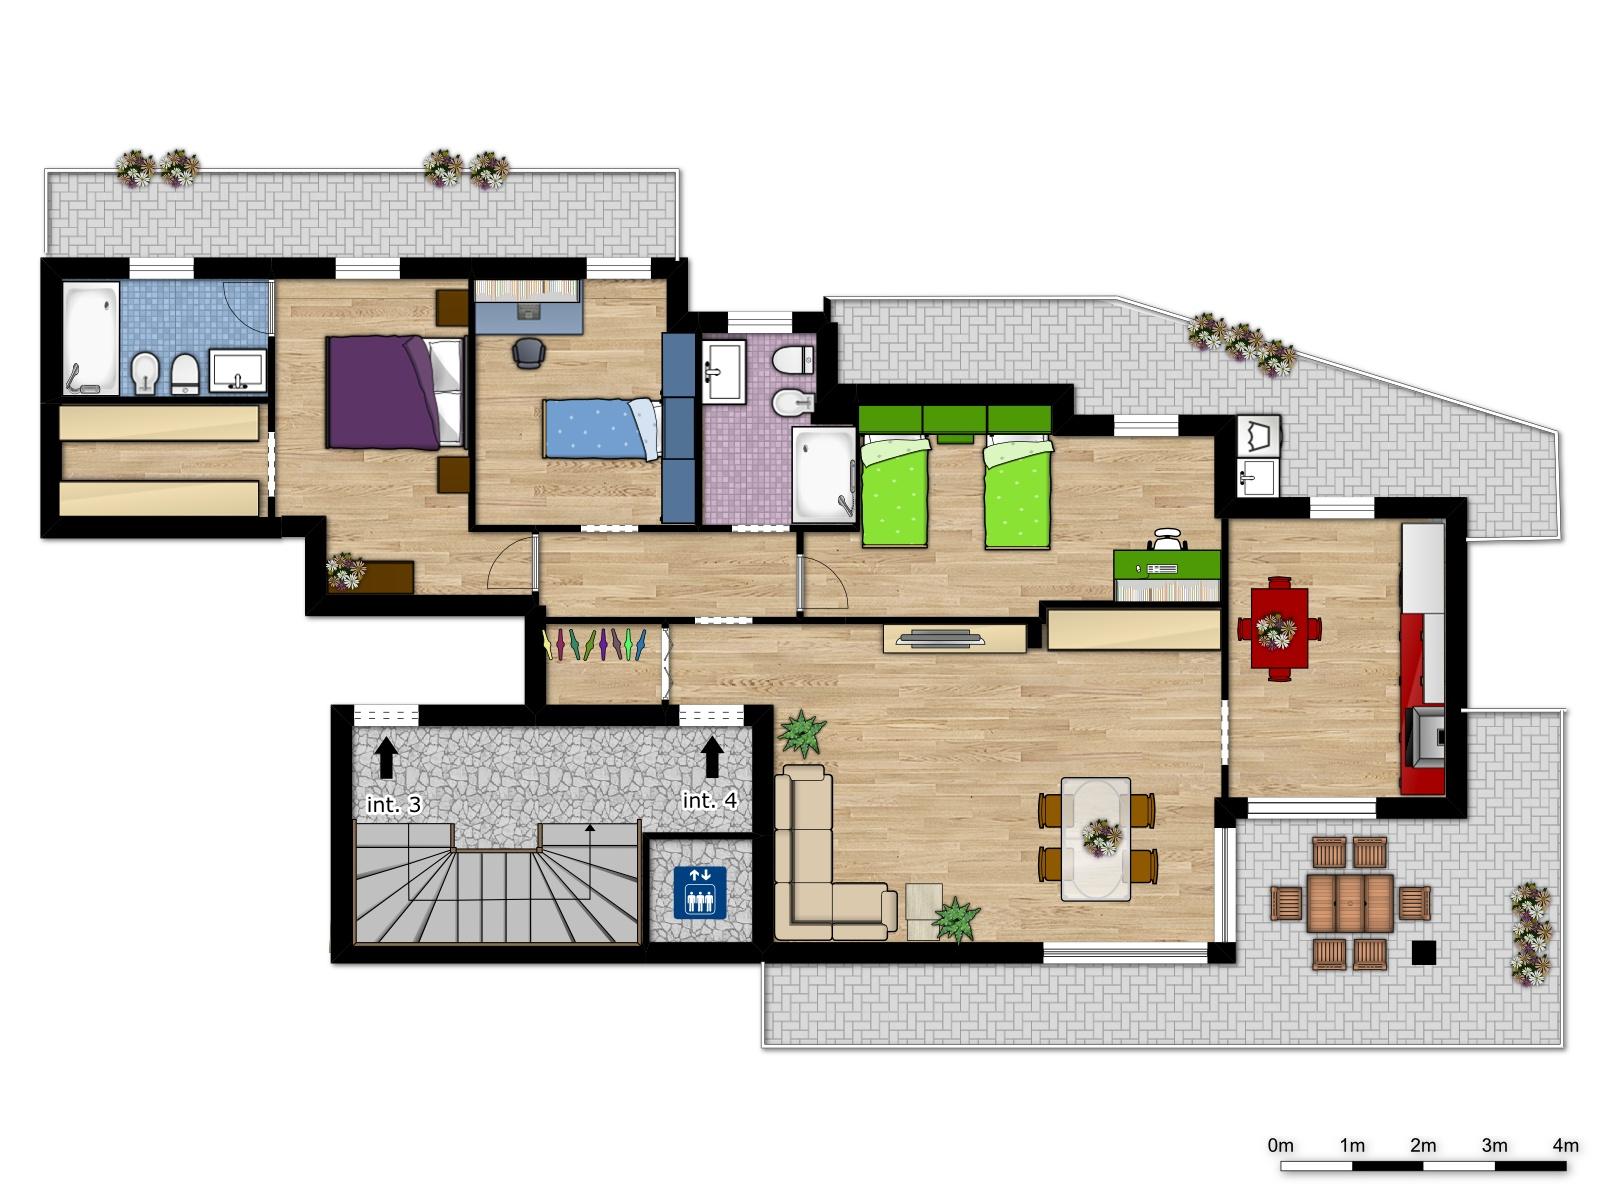 VENDUTO Palazzo MAESTRO interno 4 piano secondo cinque locali